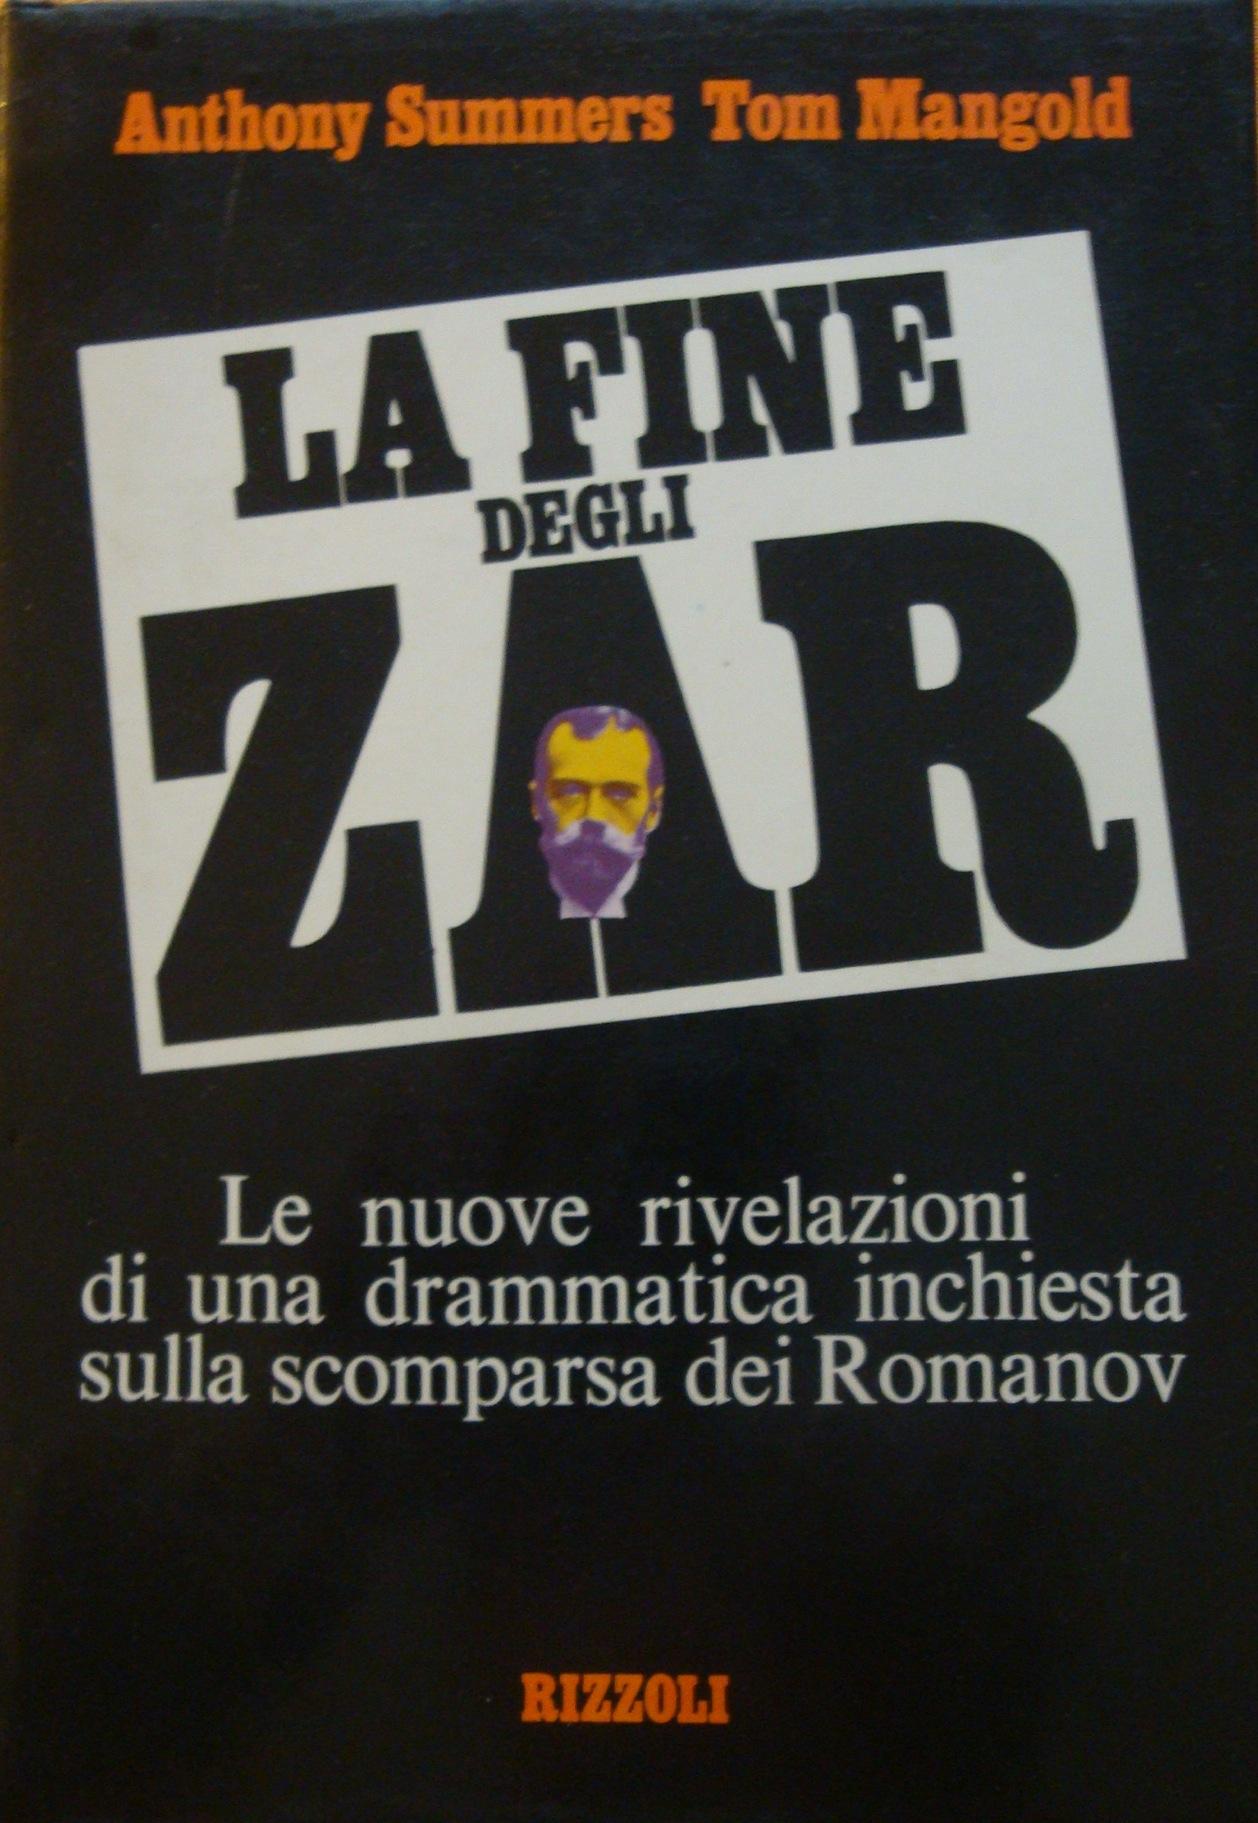 La fine degli Zar